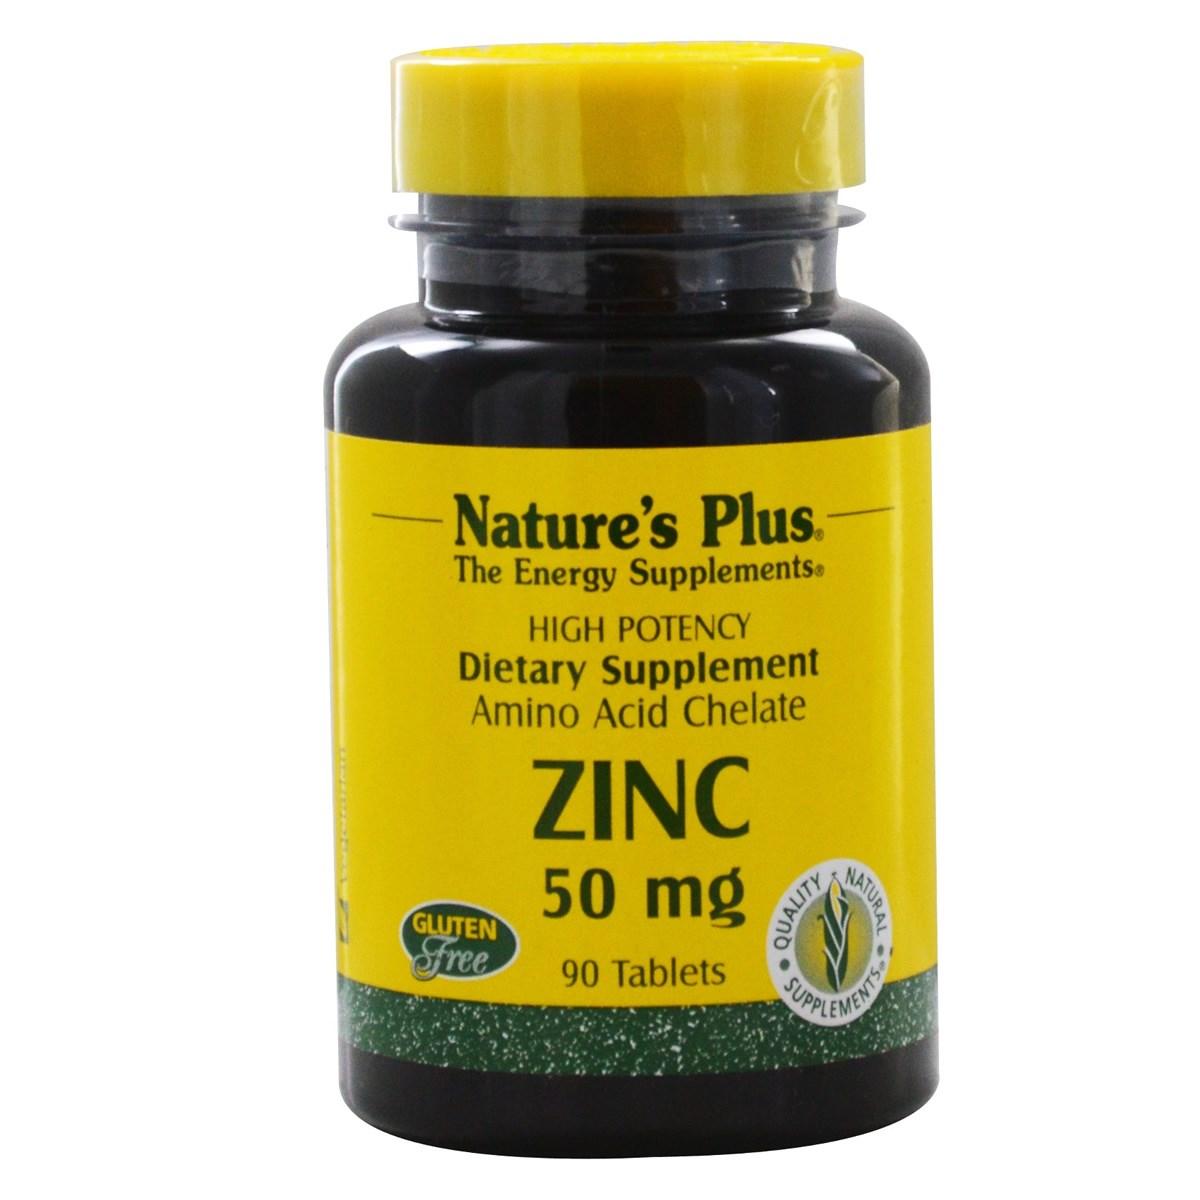 Natures Plus Zinc 50 mg Tablets